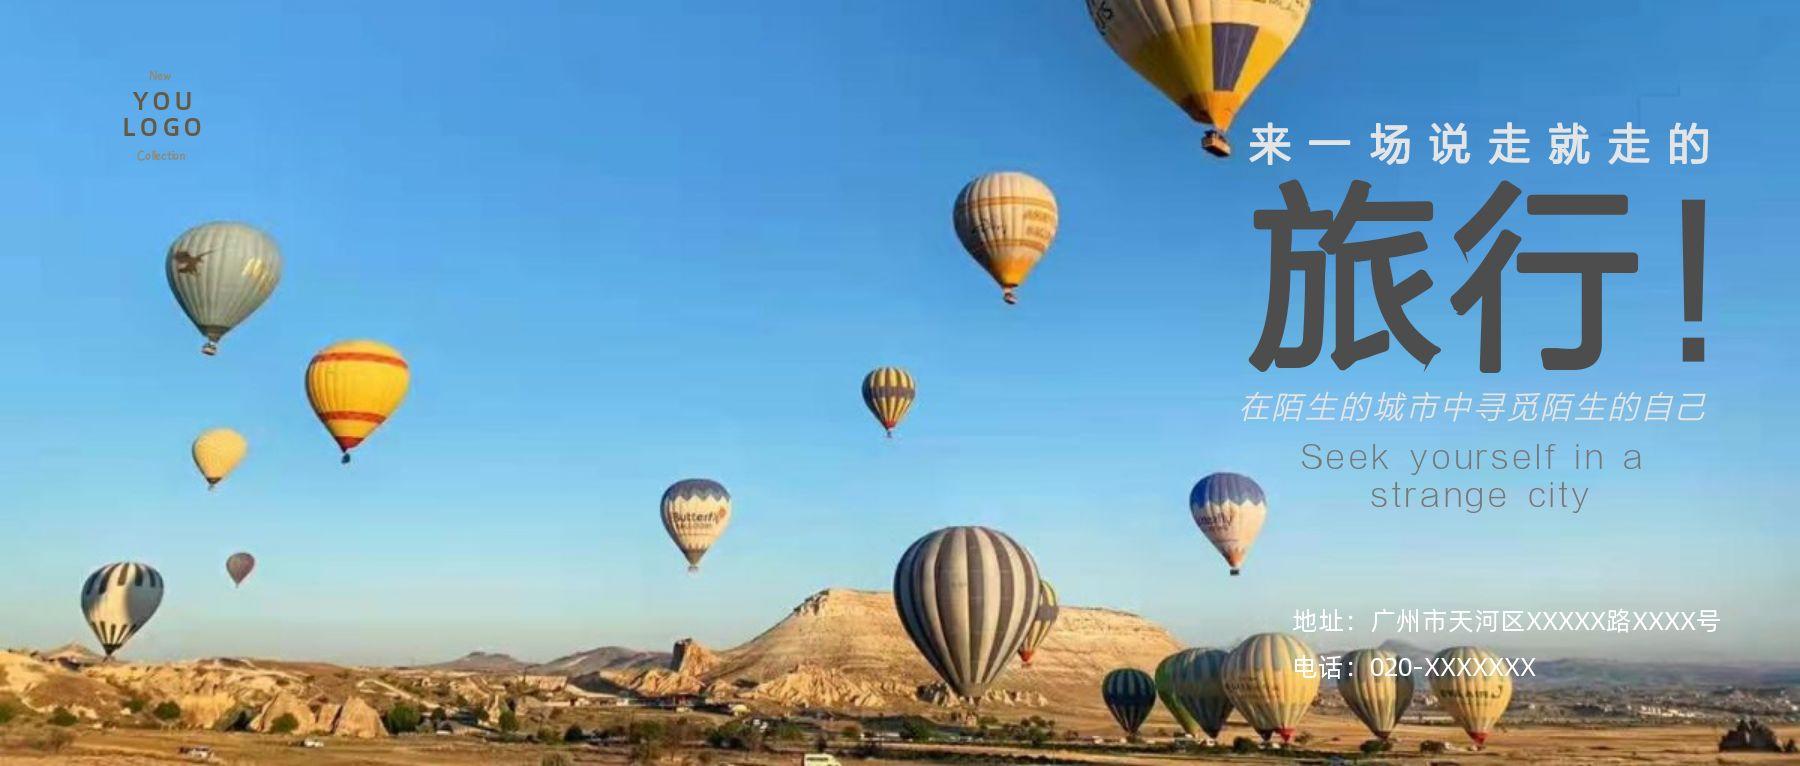 旅行旅游公众号首图热气球土耳其蓝天浪漫说走就走旅行